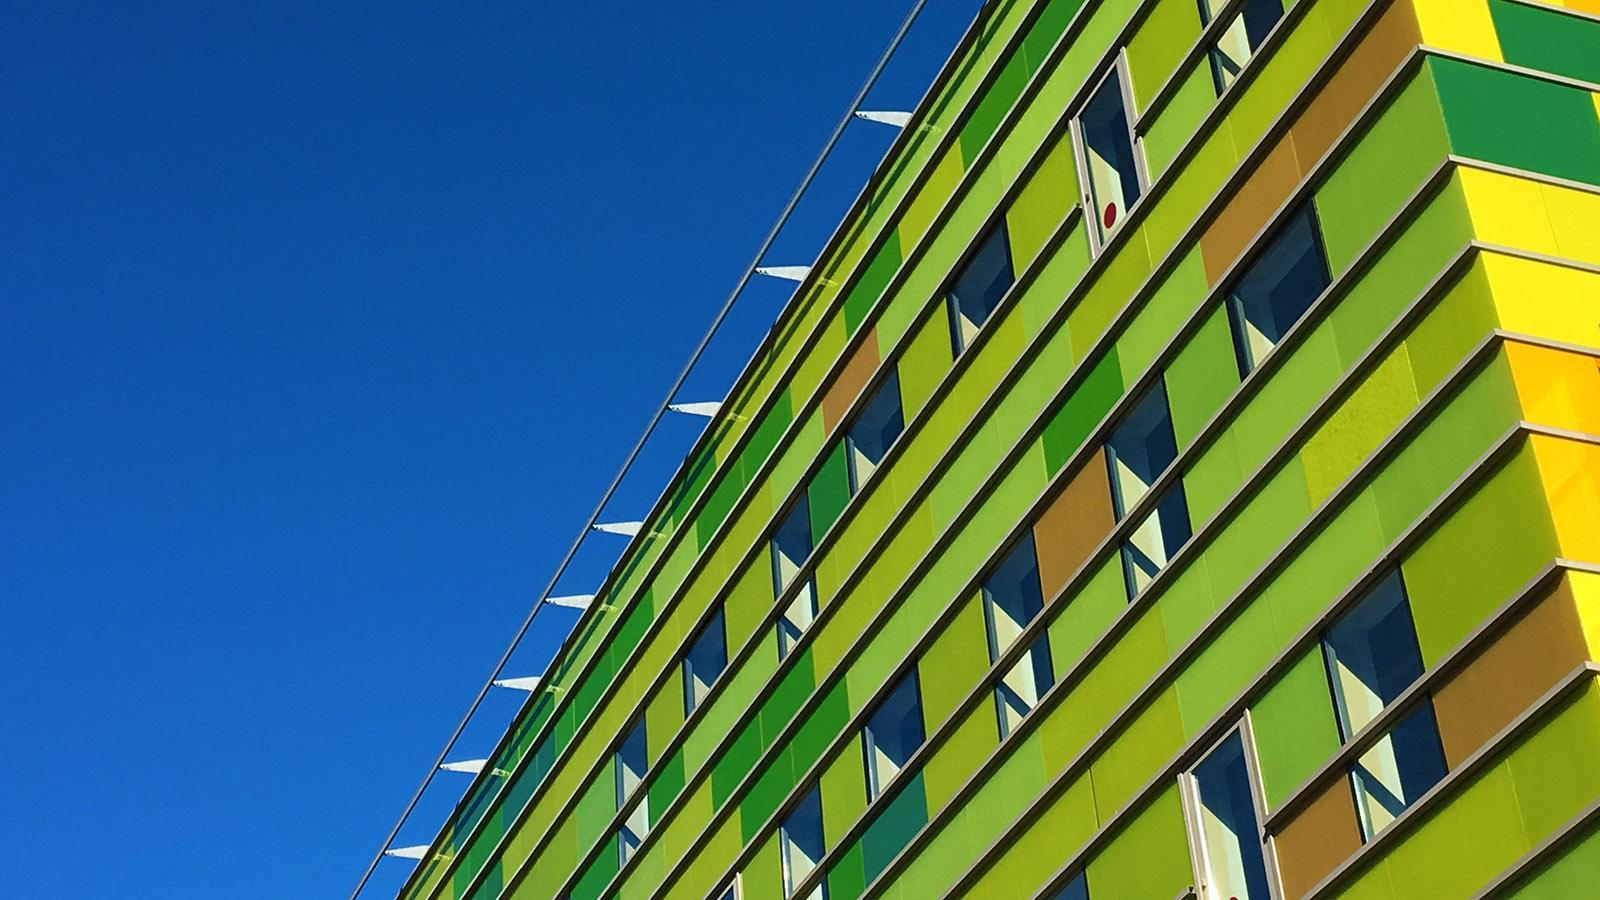 Perpignan: El Centro del Mon. Foto: Hilke Maunder